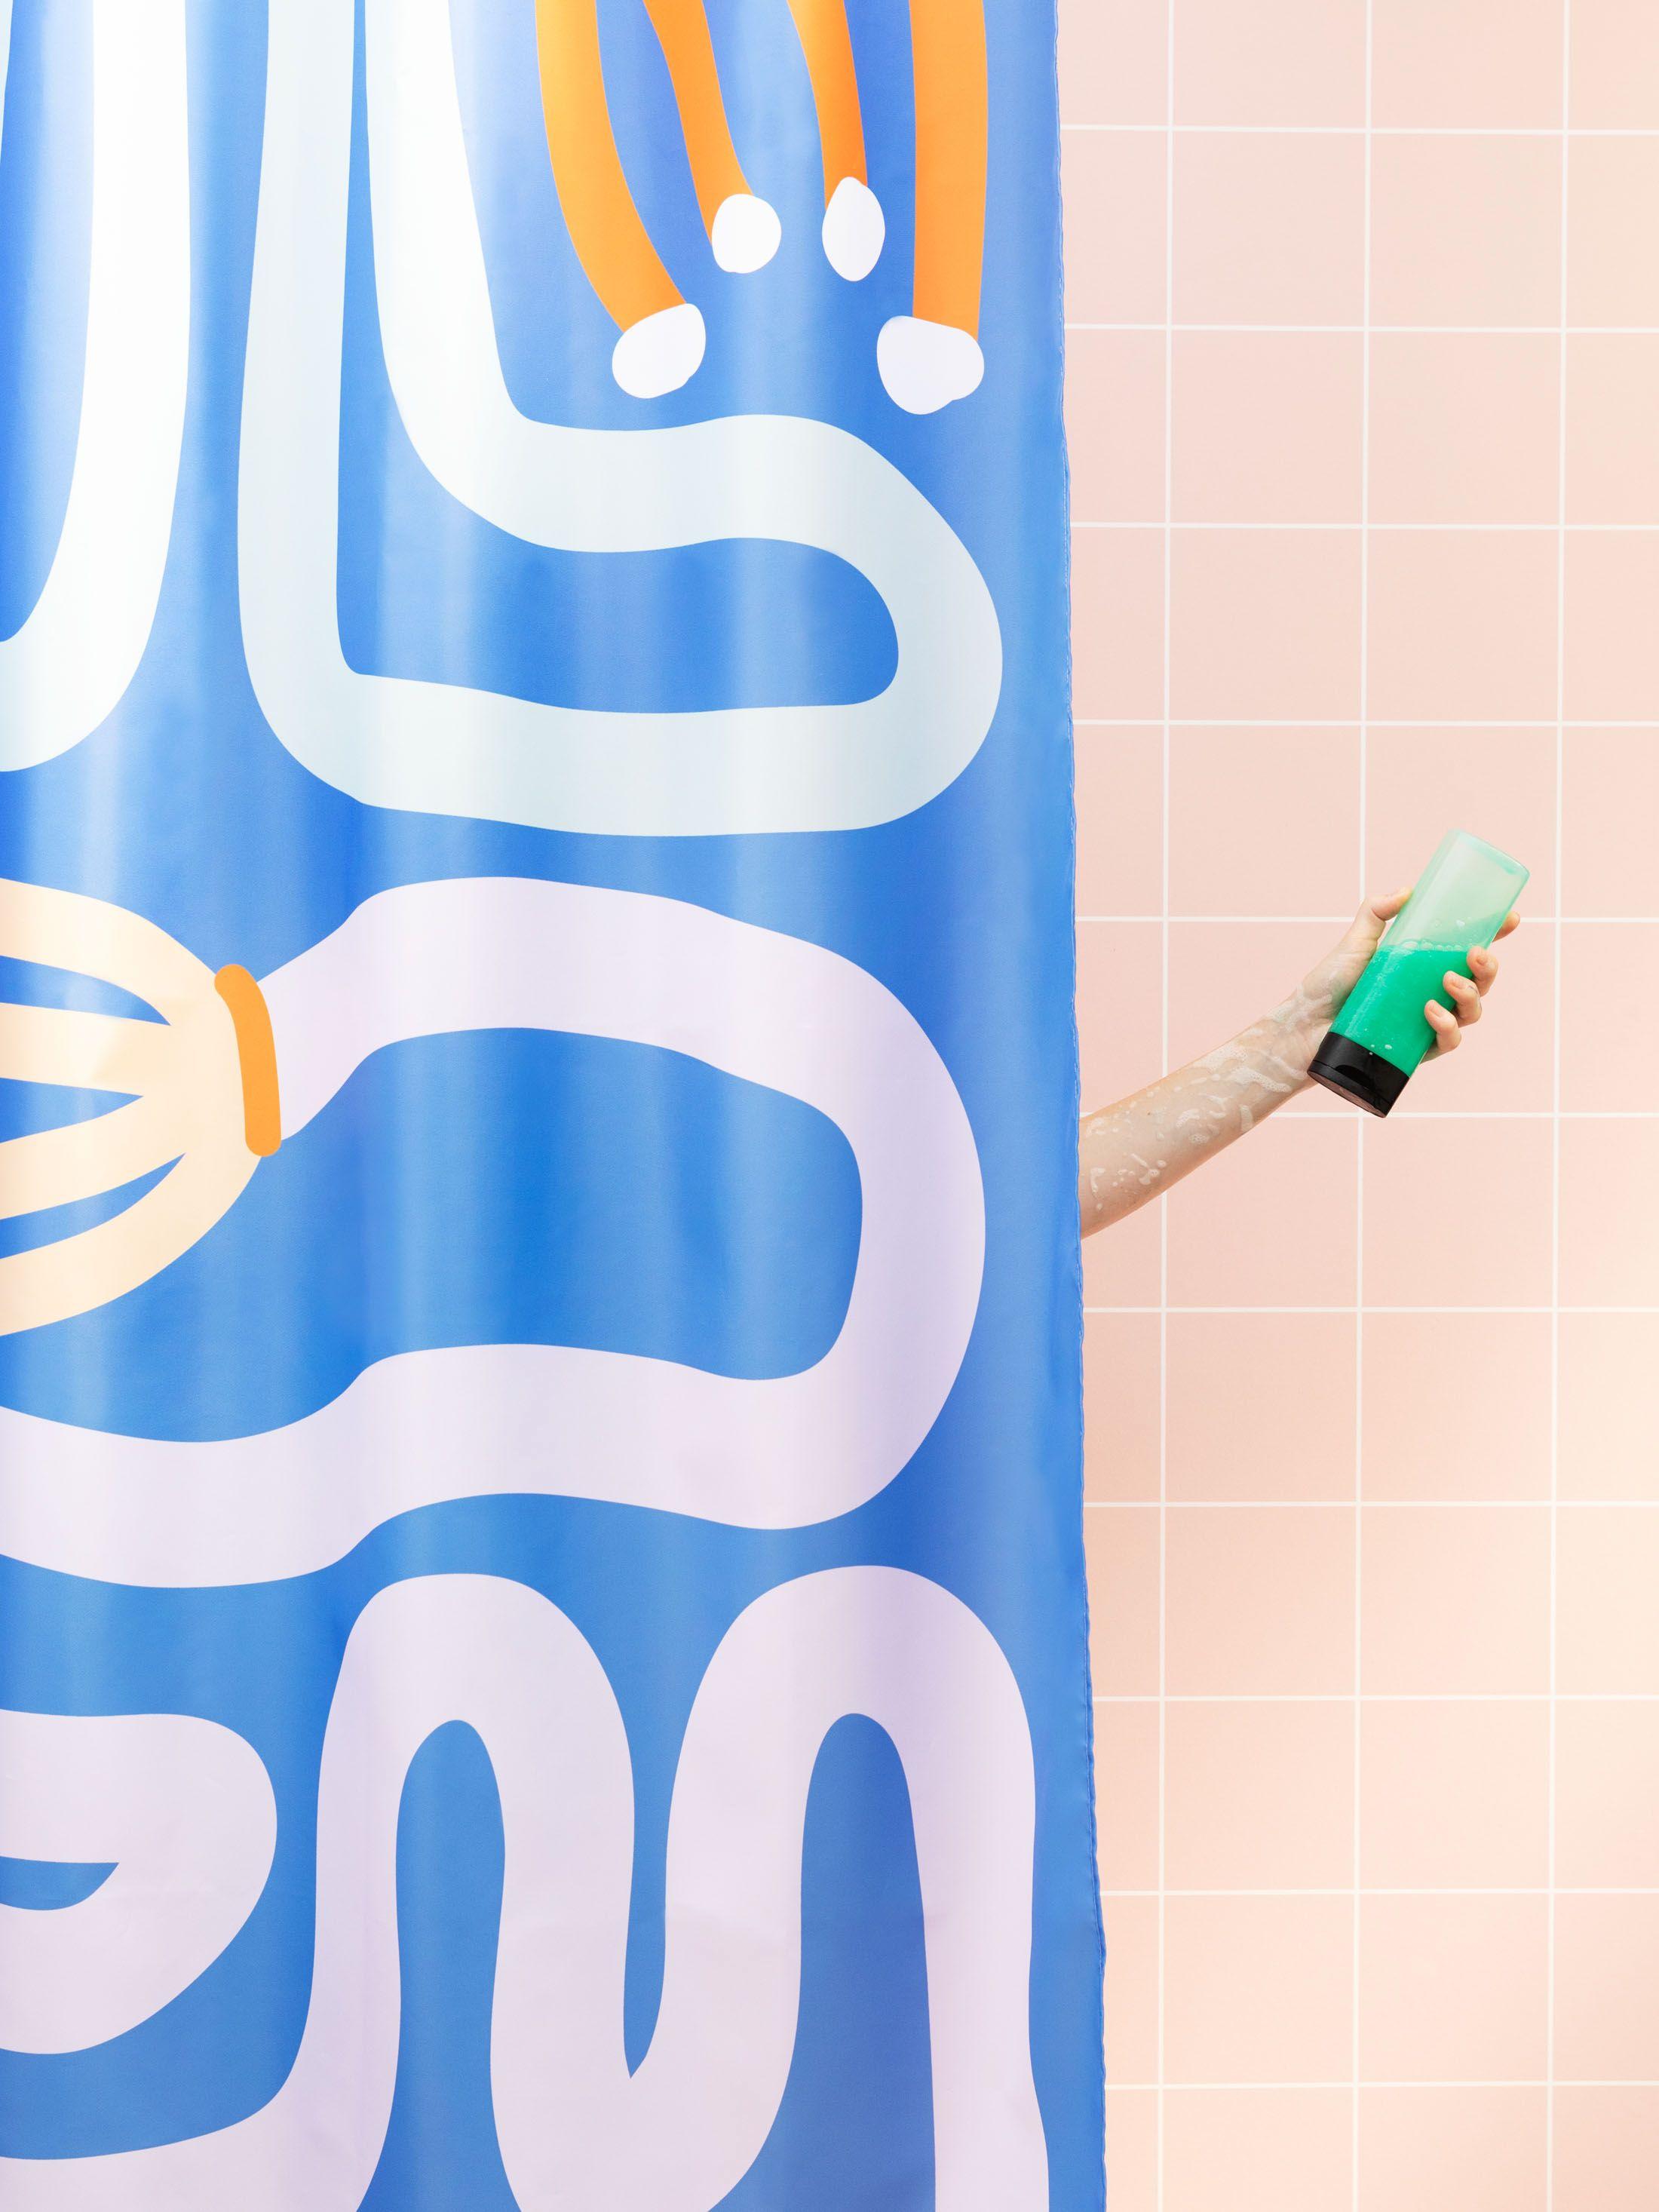 Détails du rideau de douche personnalisé